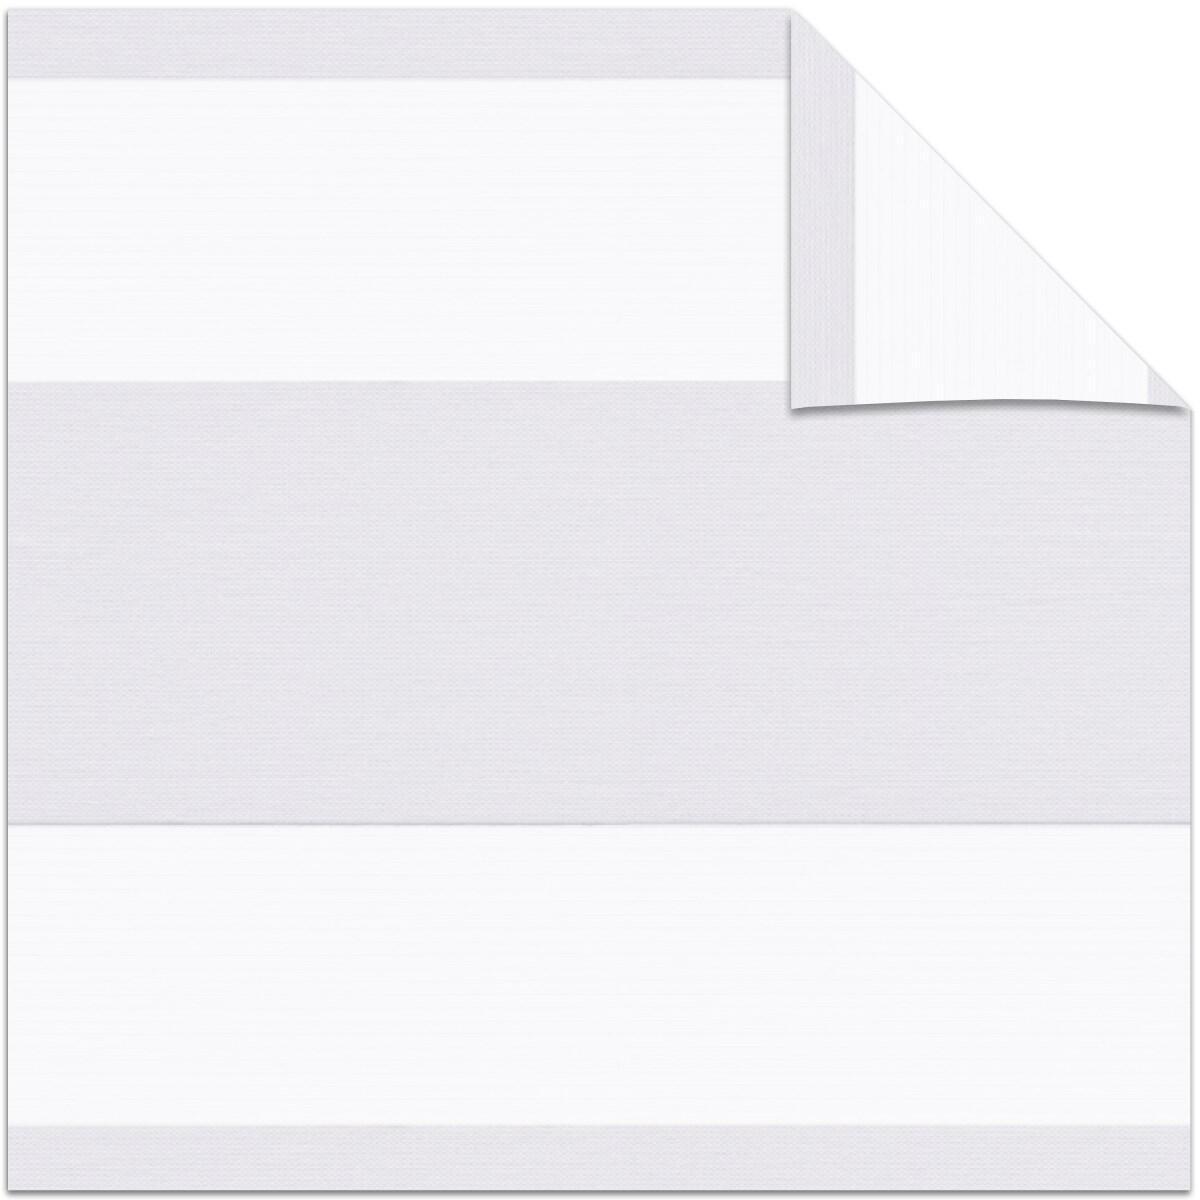 Tenda a rullo Orleans bianco 80 x 190 cm - 2